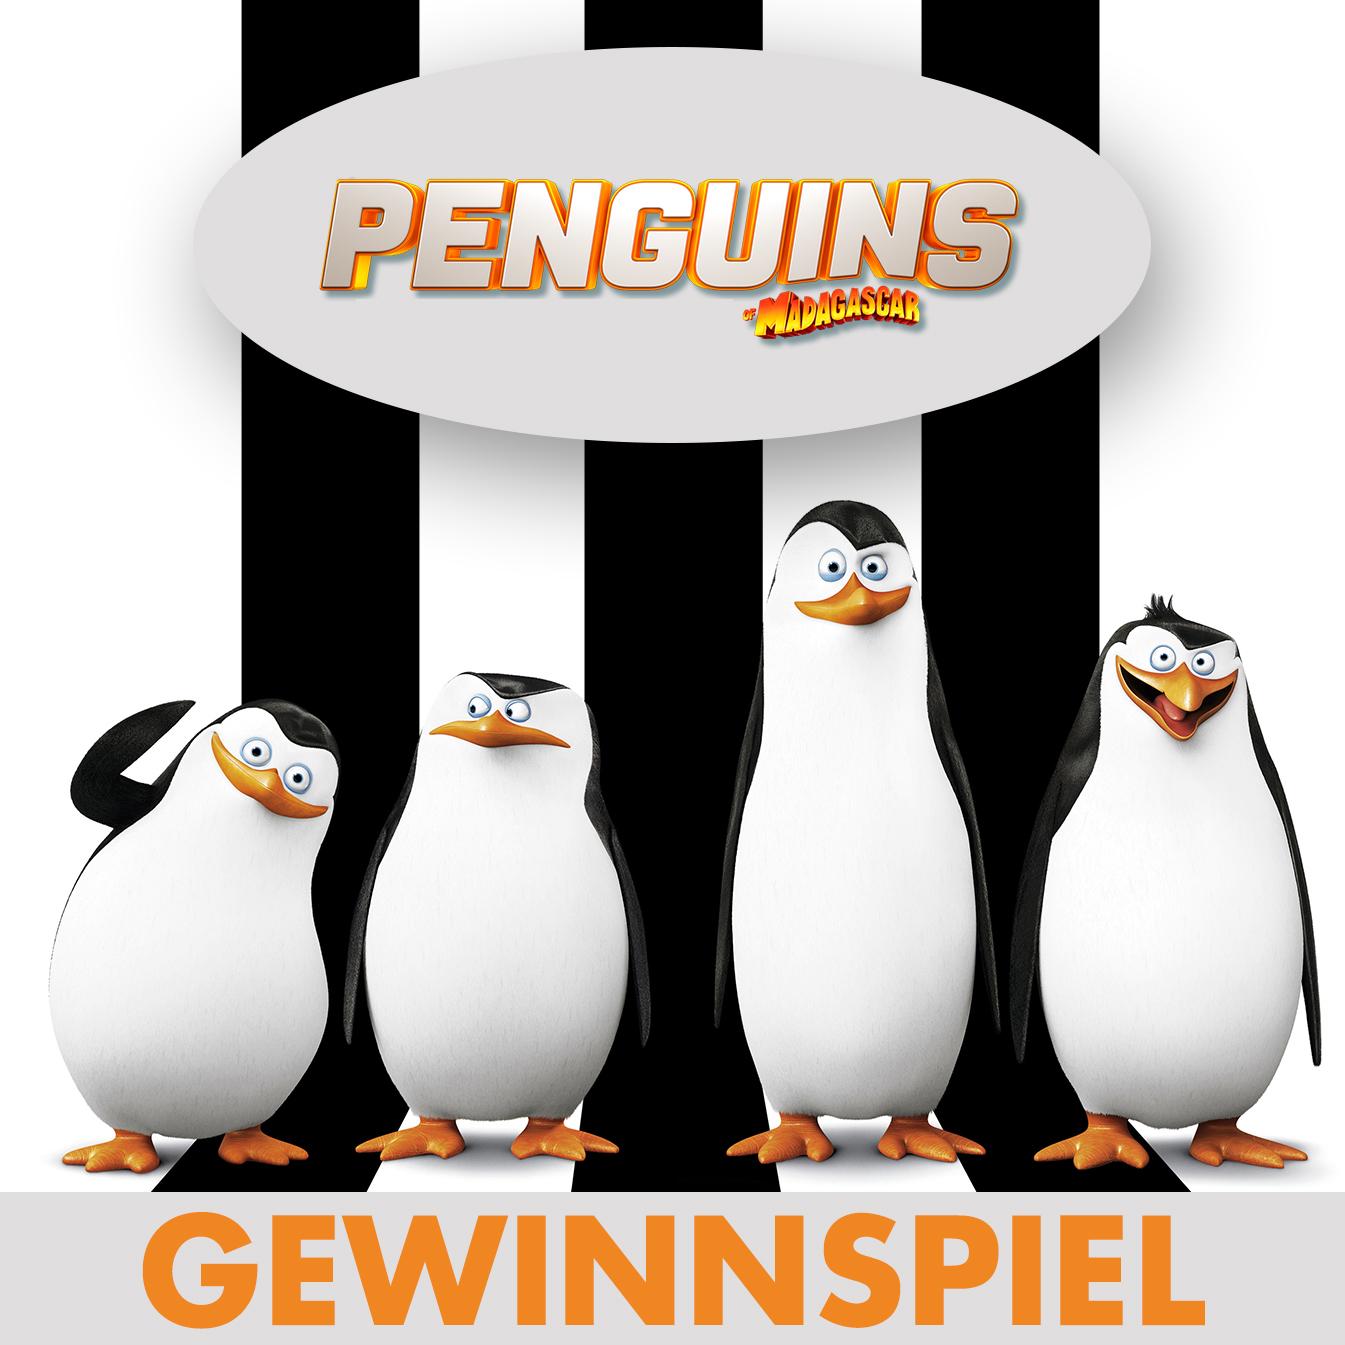 PenguinsMAD